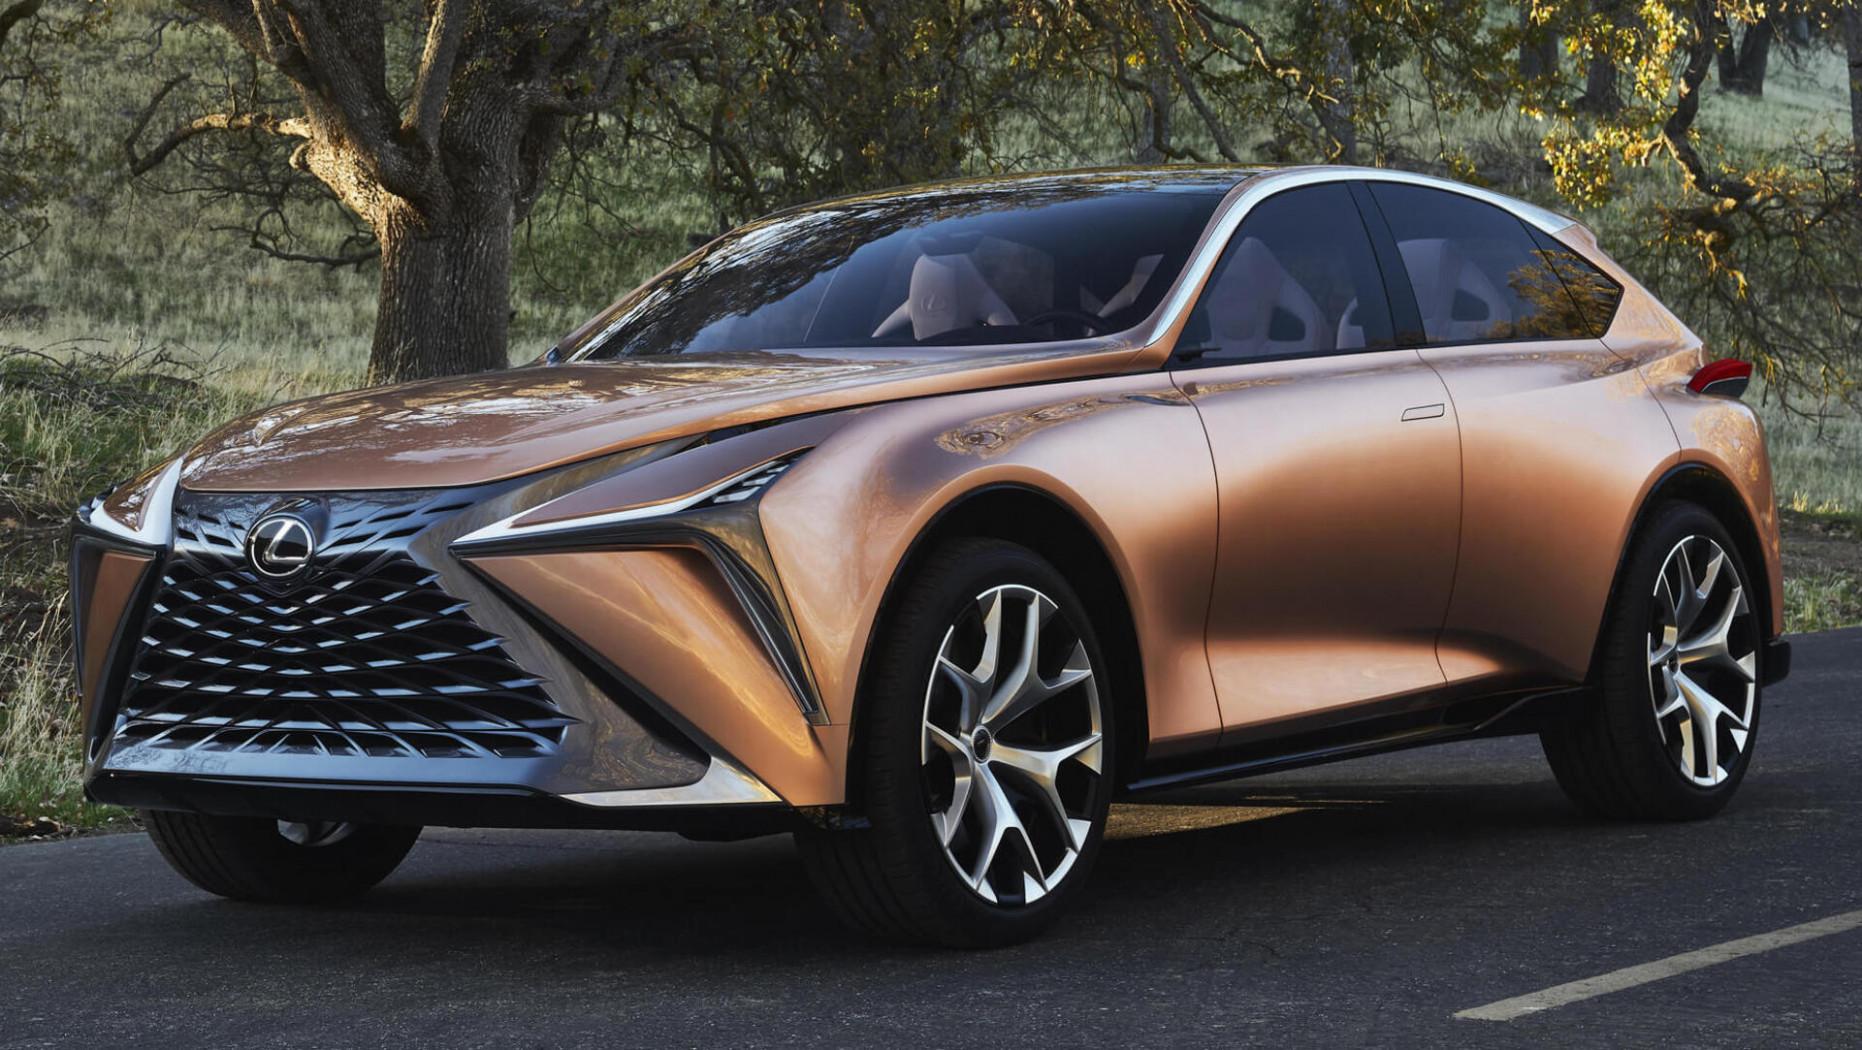 New Concept Lexus Is Update 2022